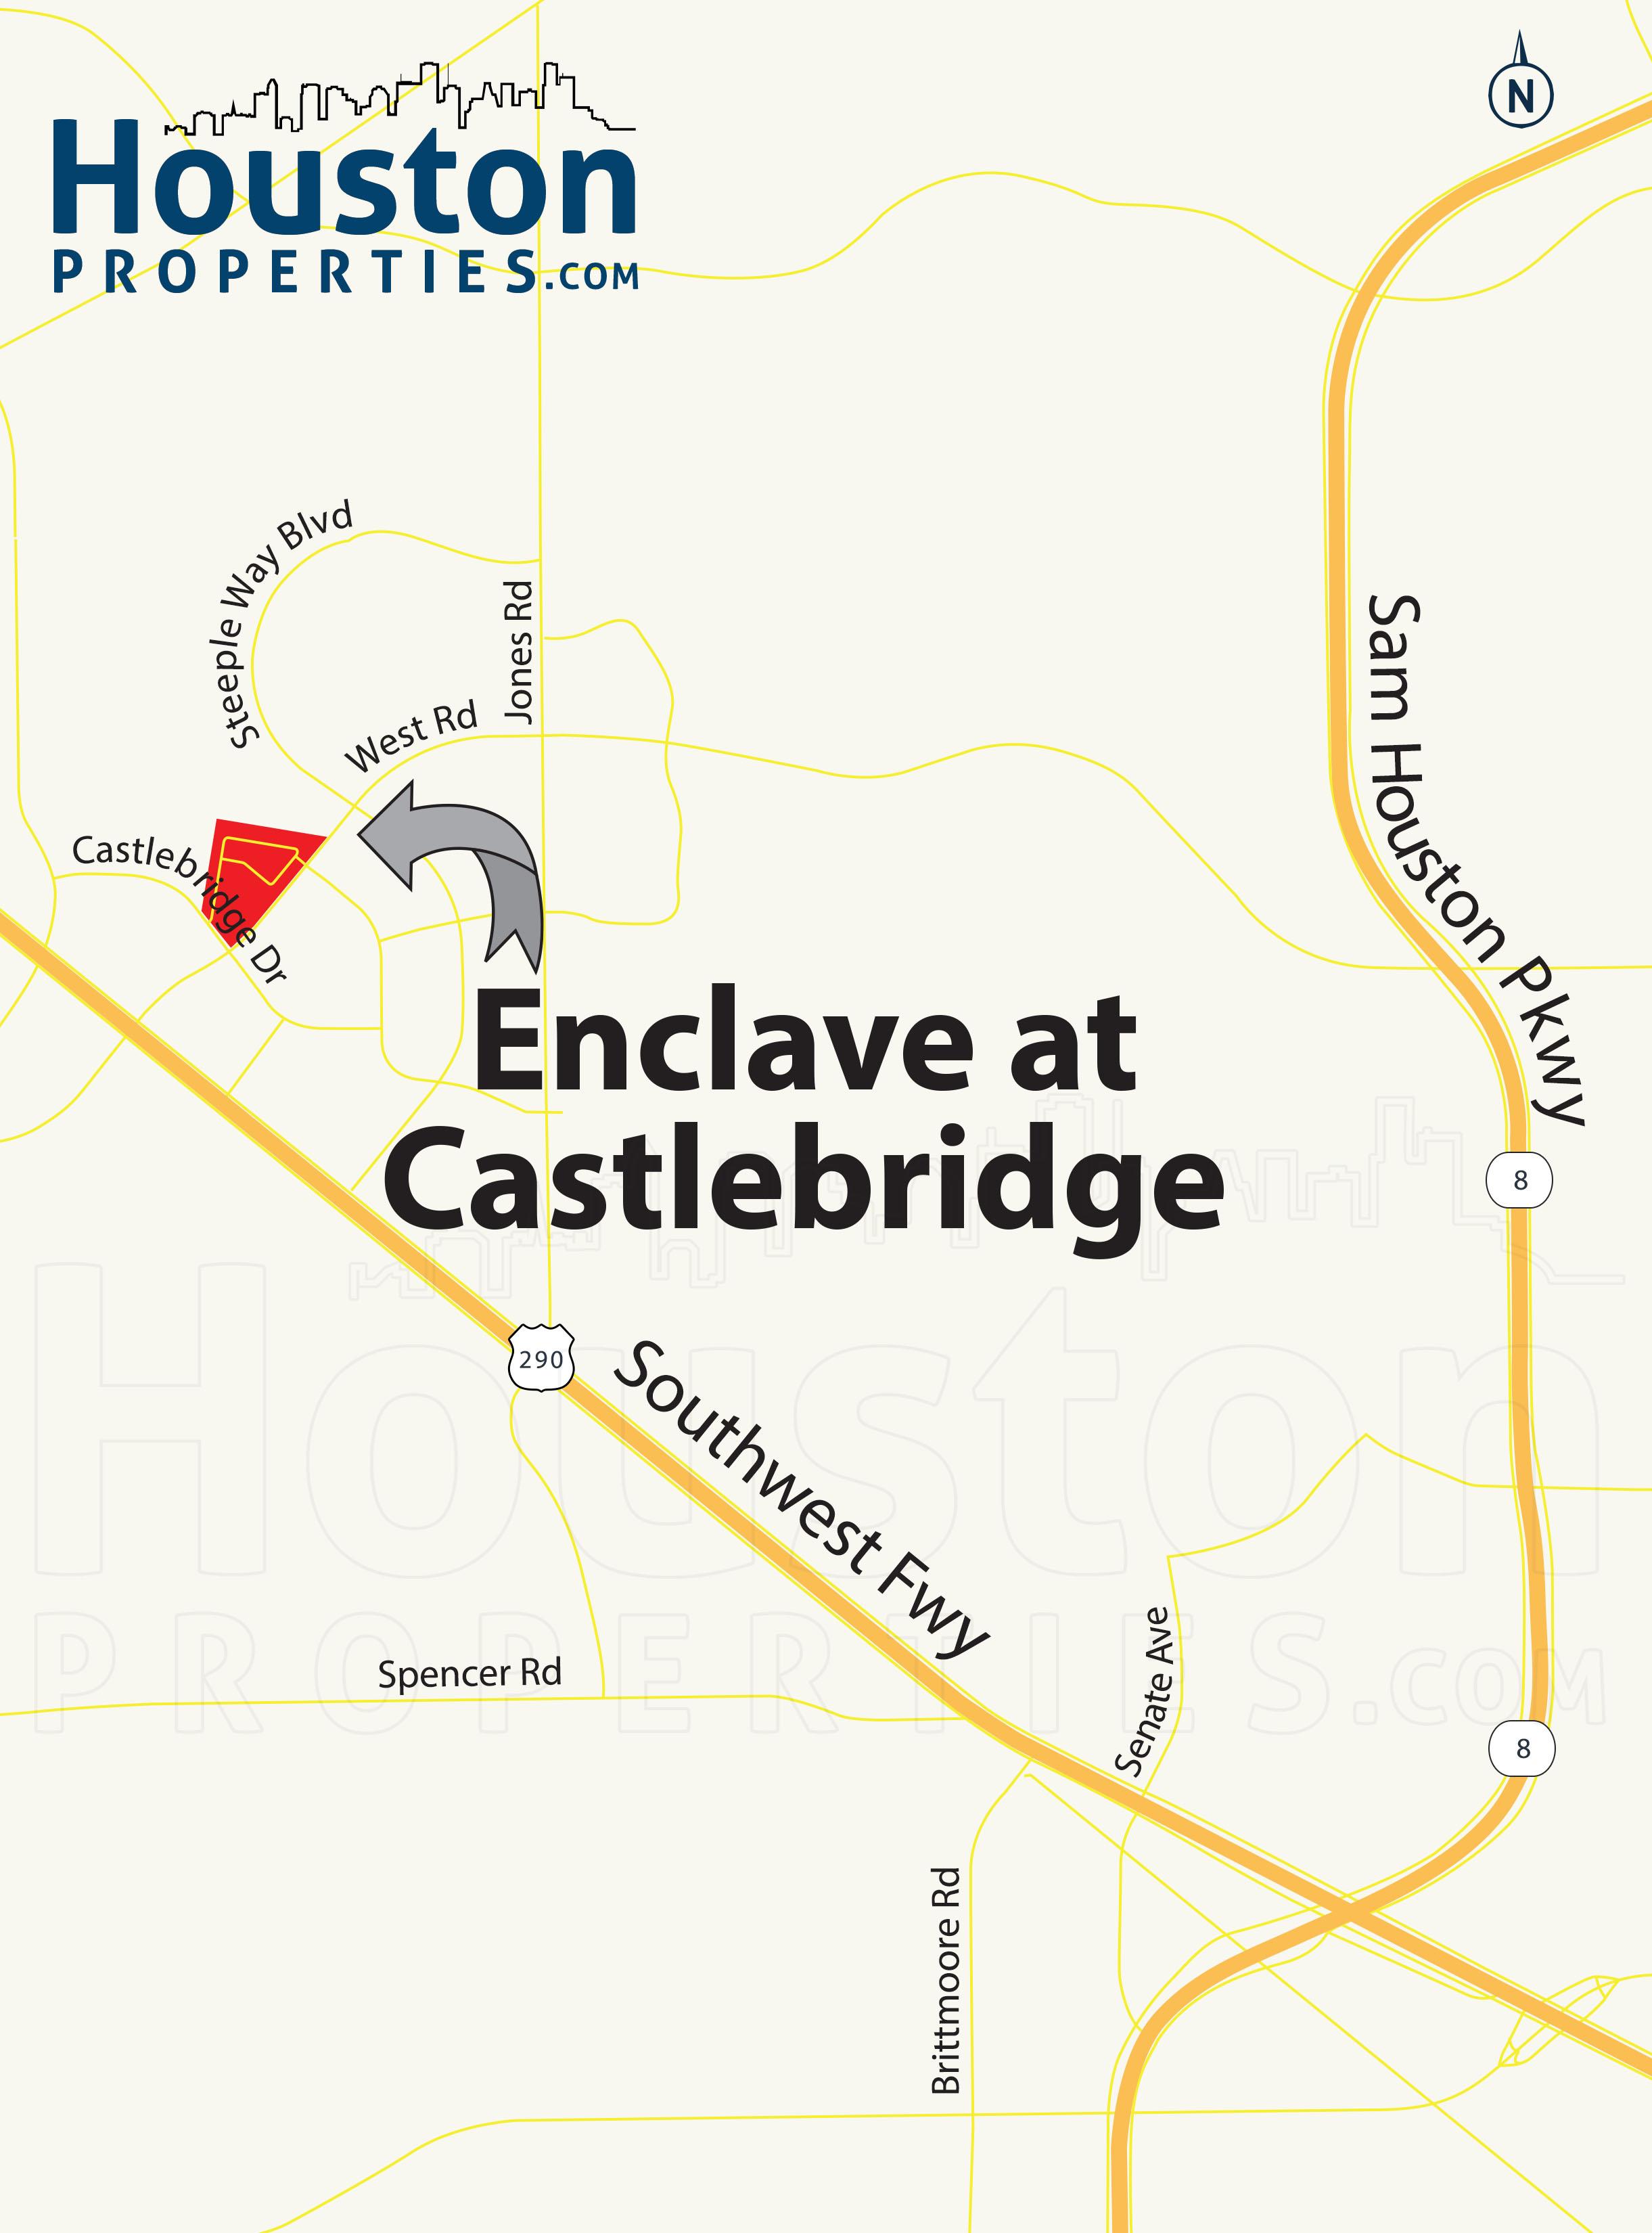 Enclave at Castlebridge Houston map